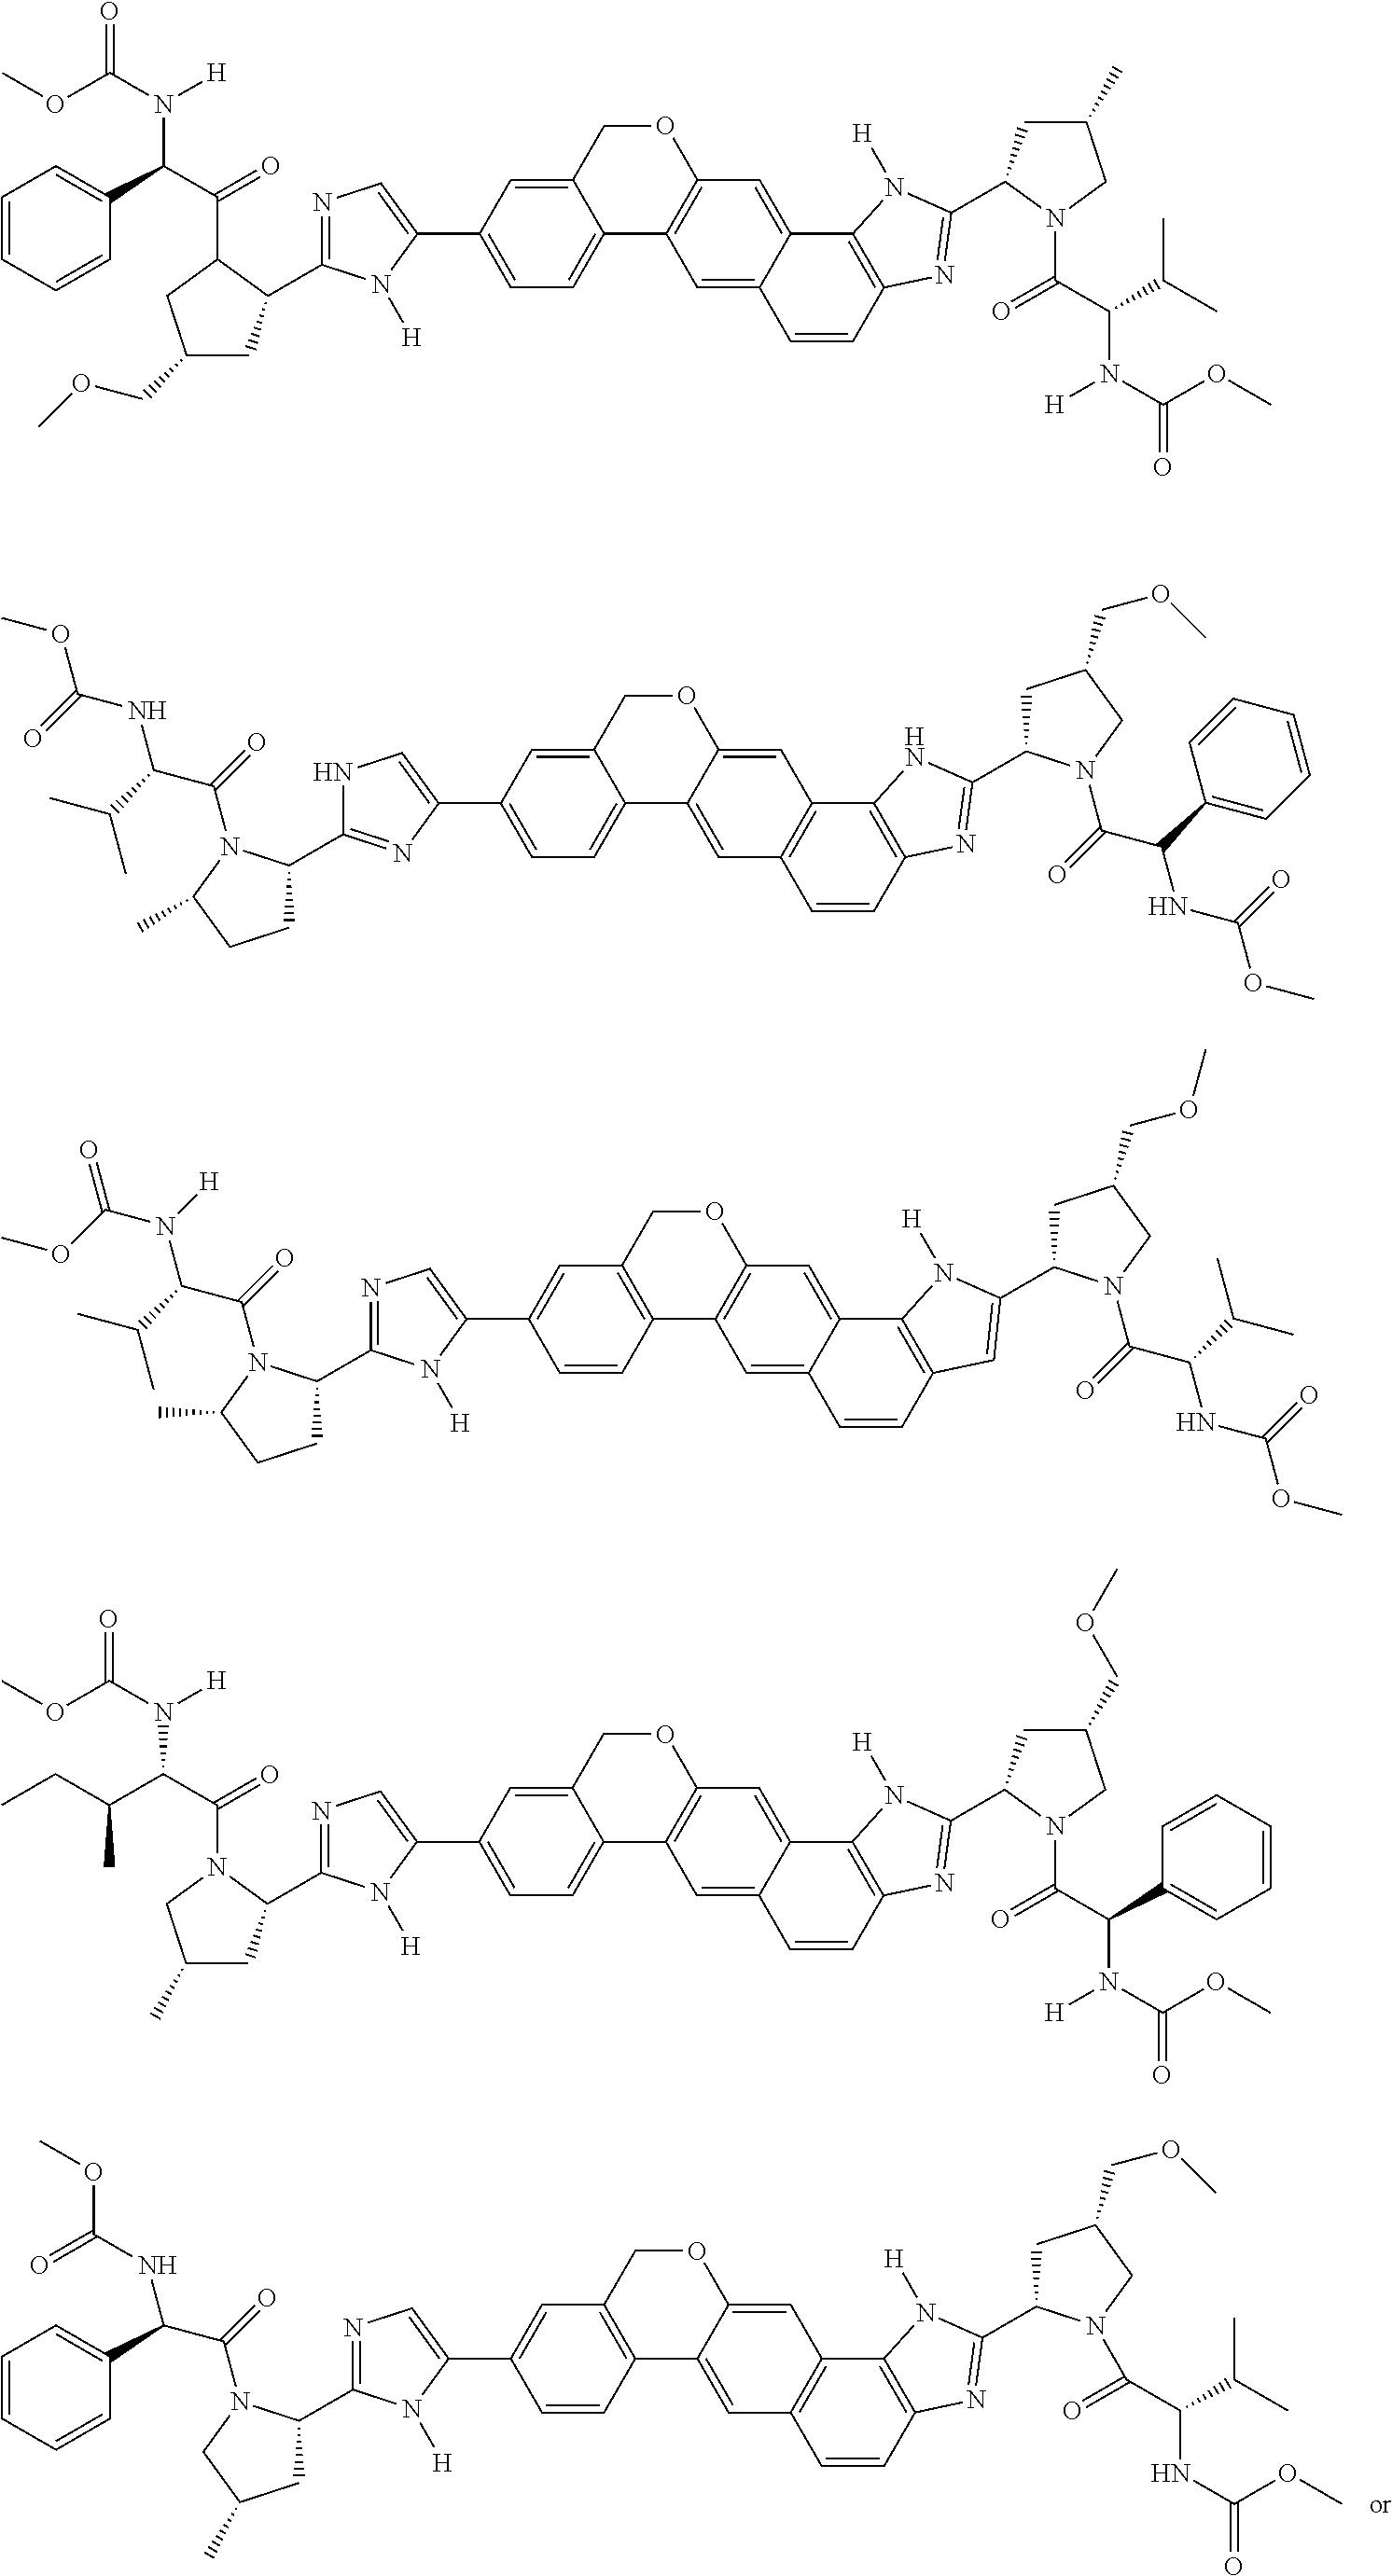 Figure US09868745-20180116-C00050